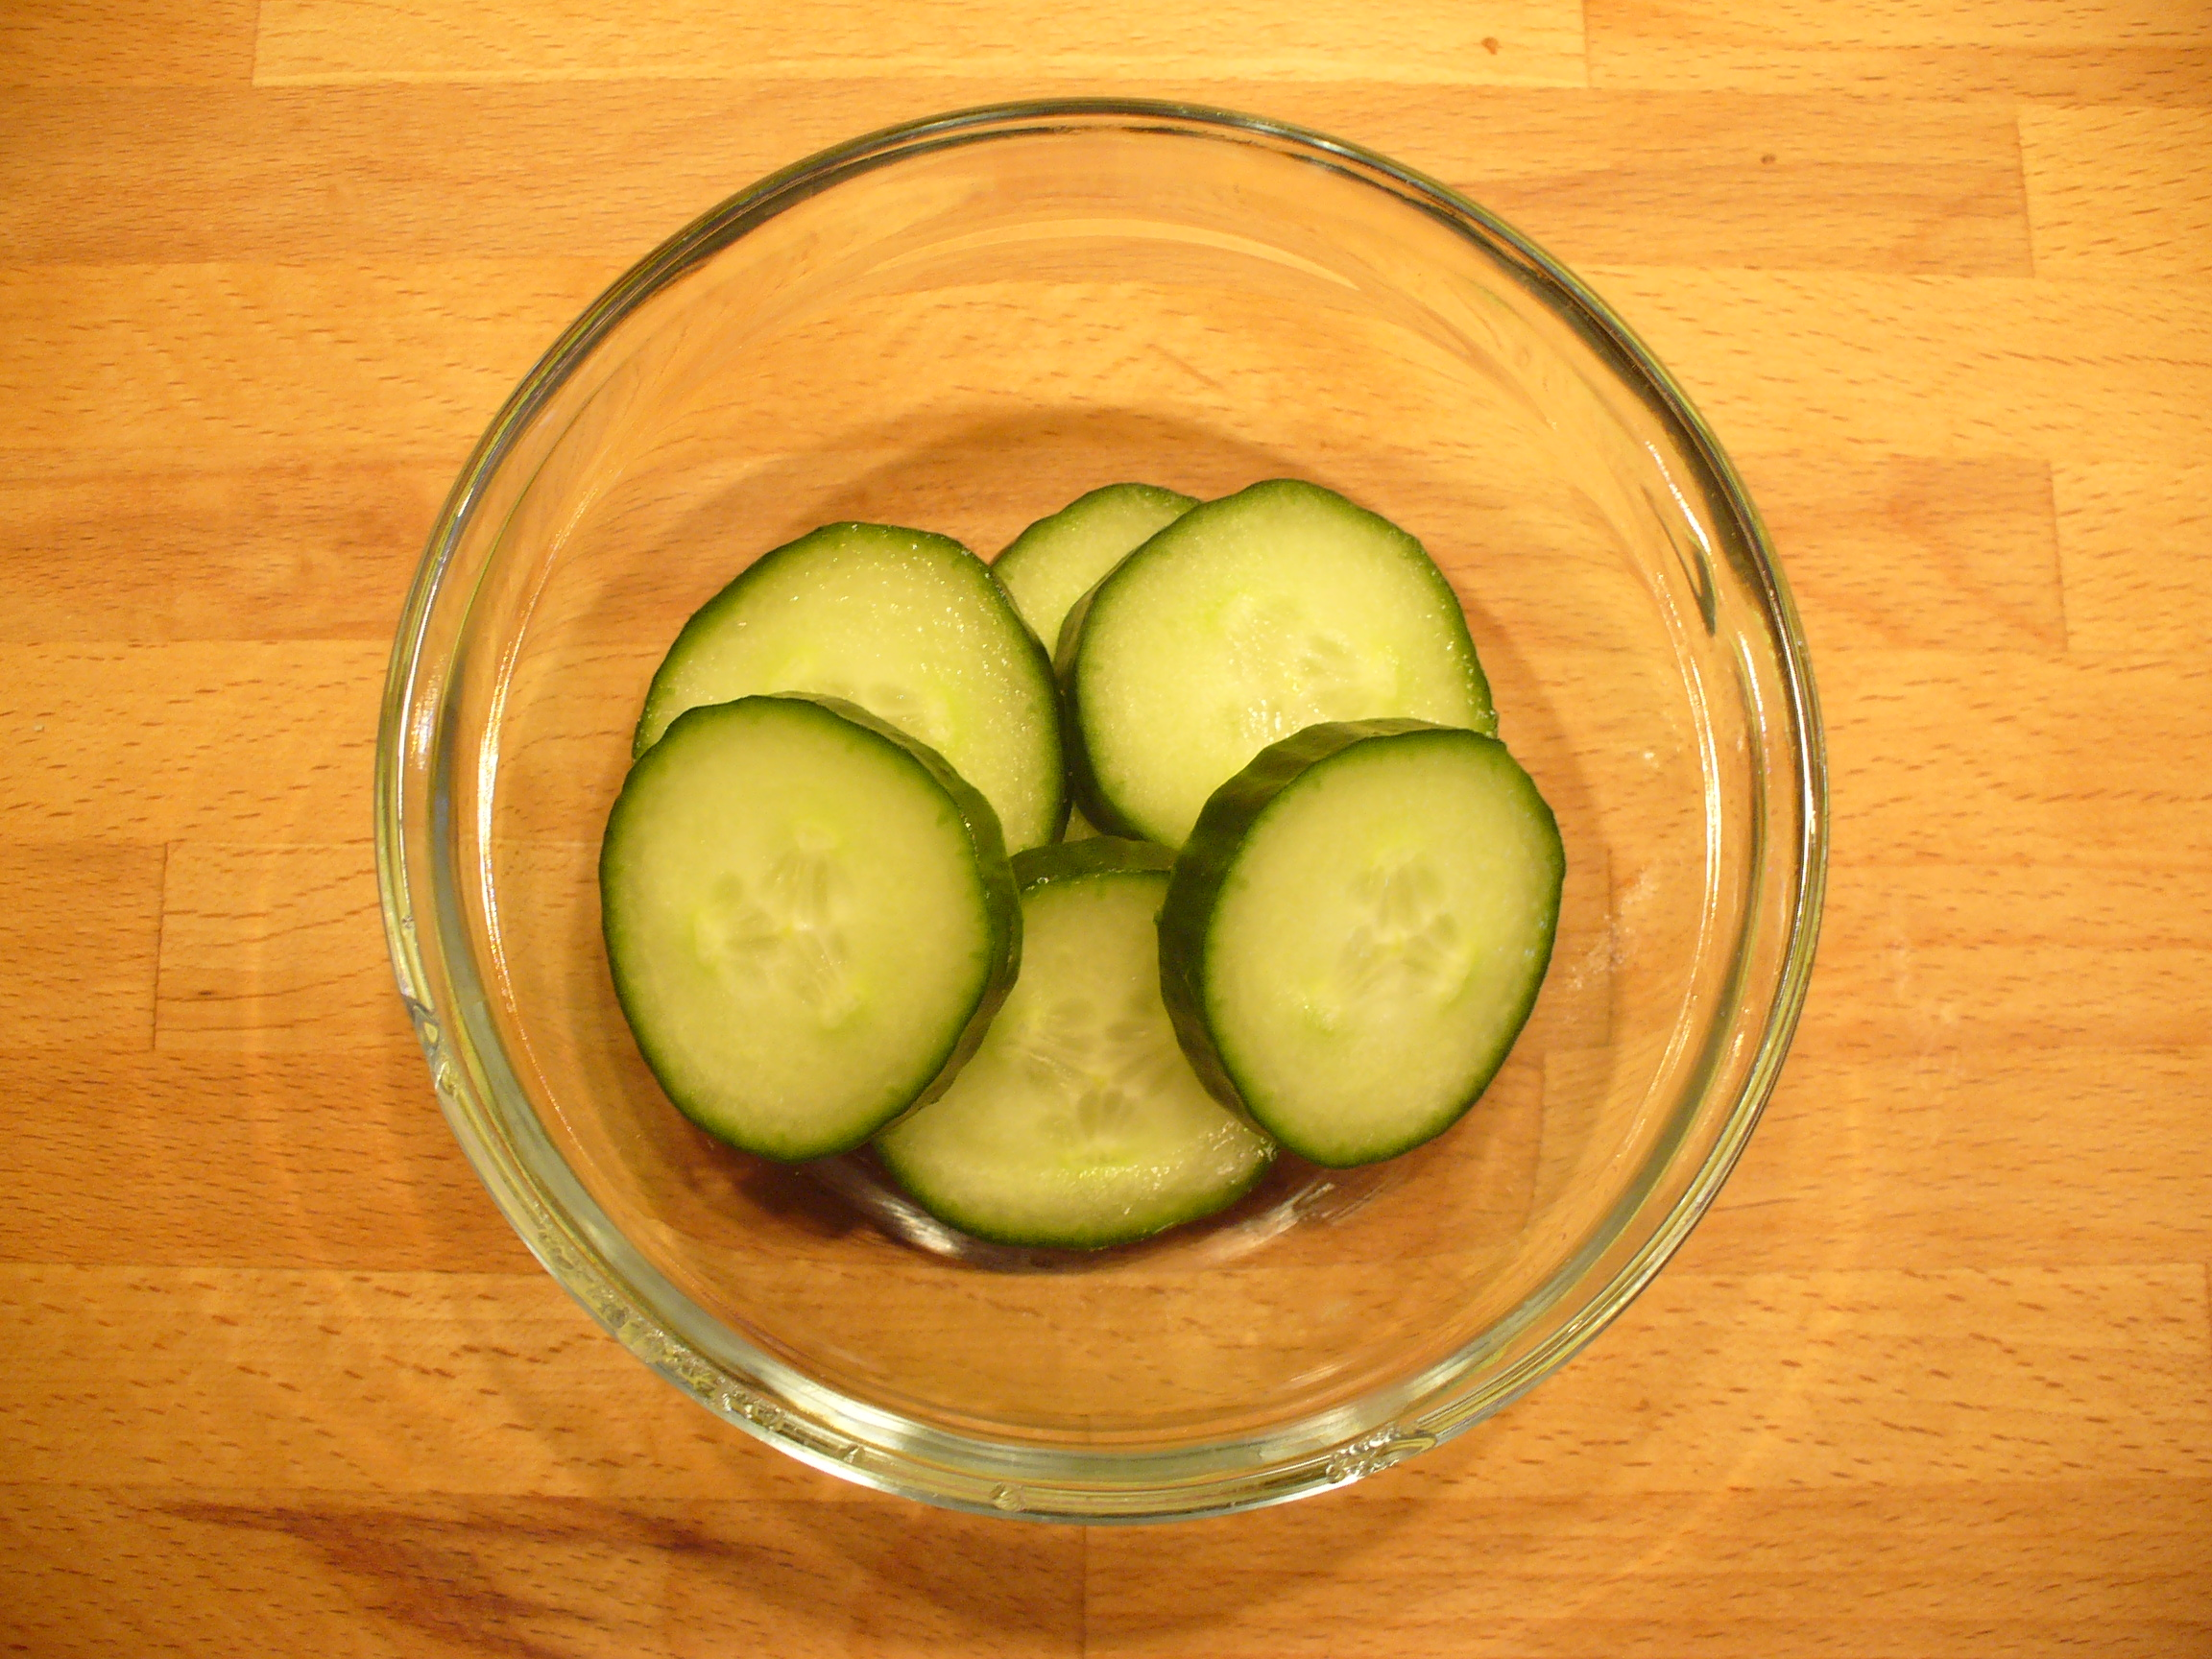 Komkommertijd ohmyfoodness - De komkommers ...